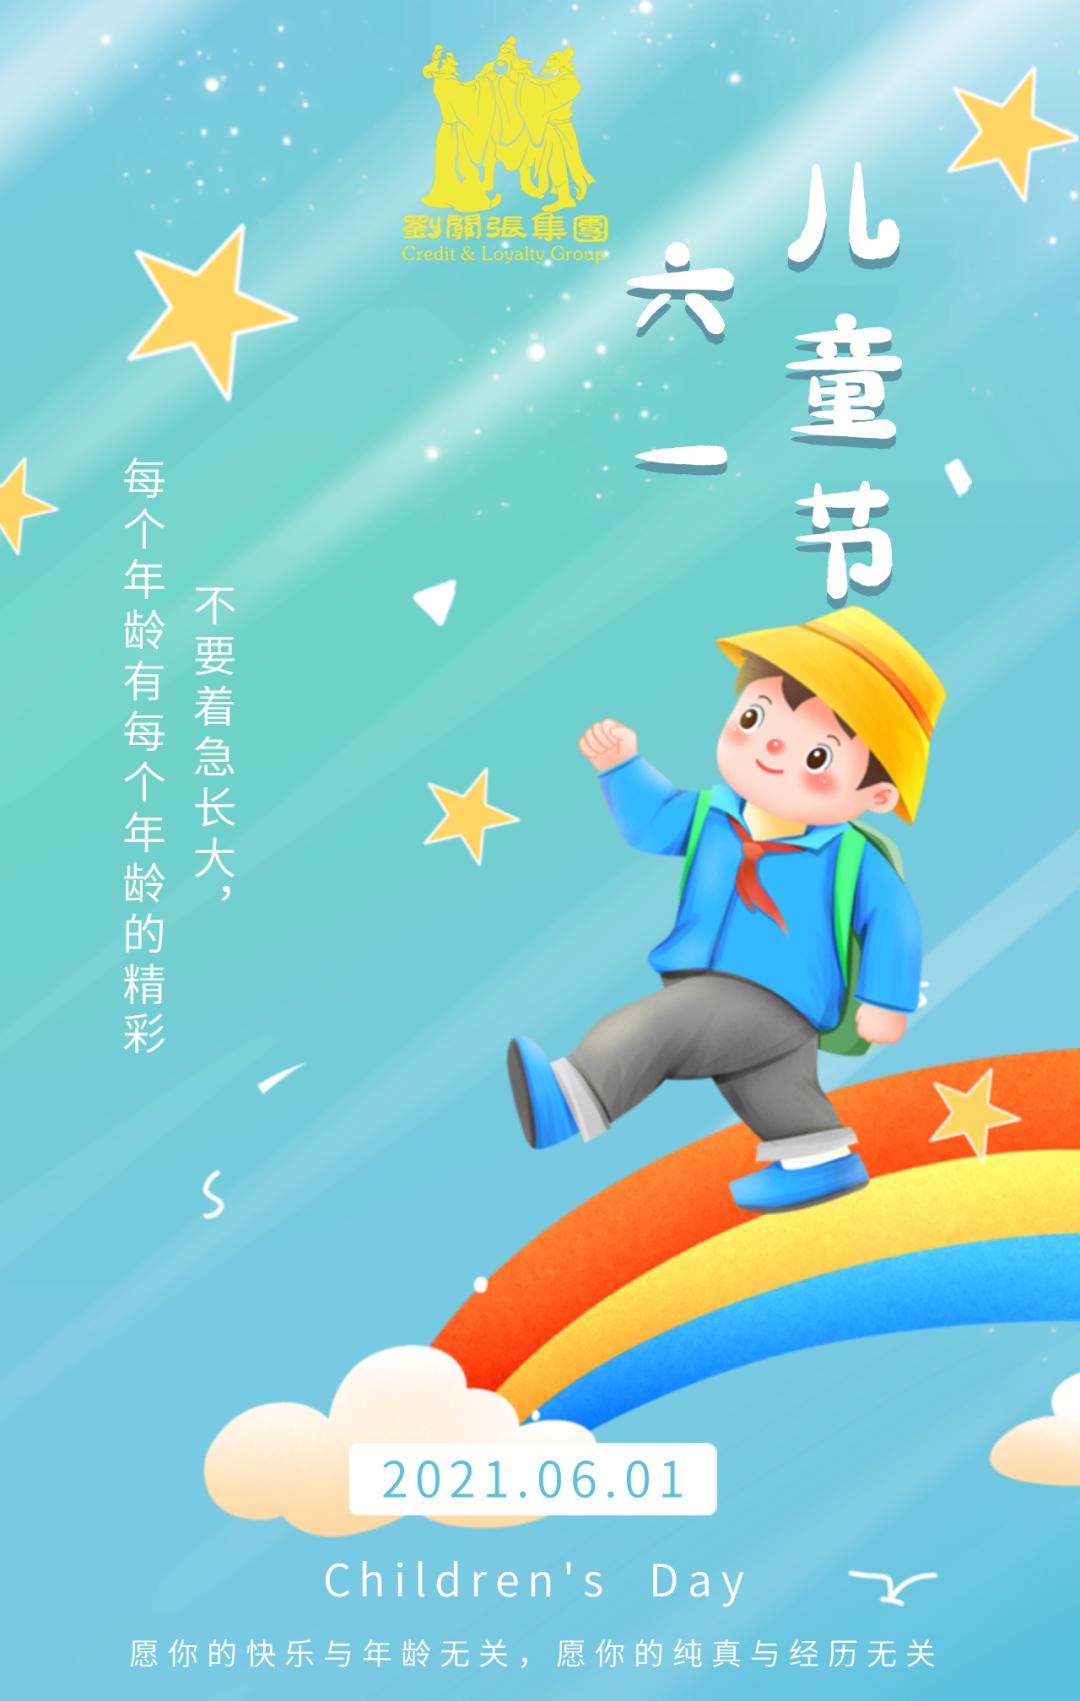 兒童節   劉關張集團為員工提供半天休假陪伴孩子歡度節日!